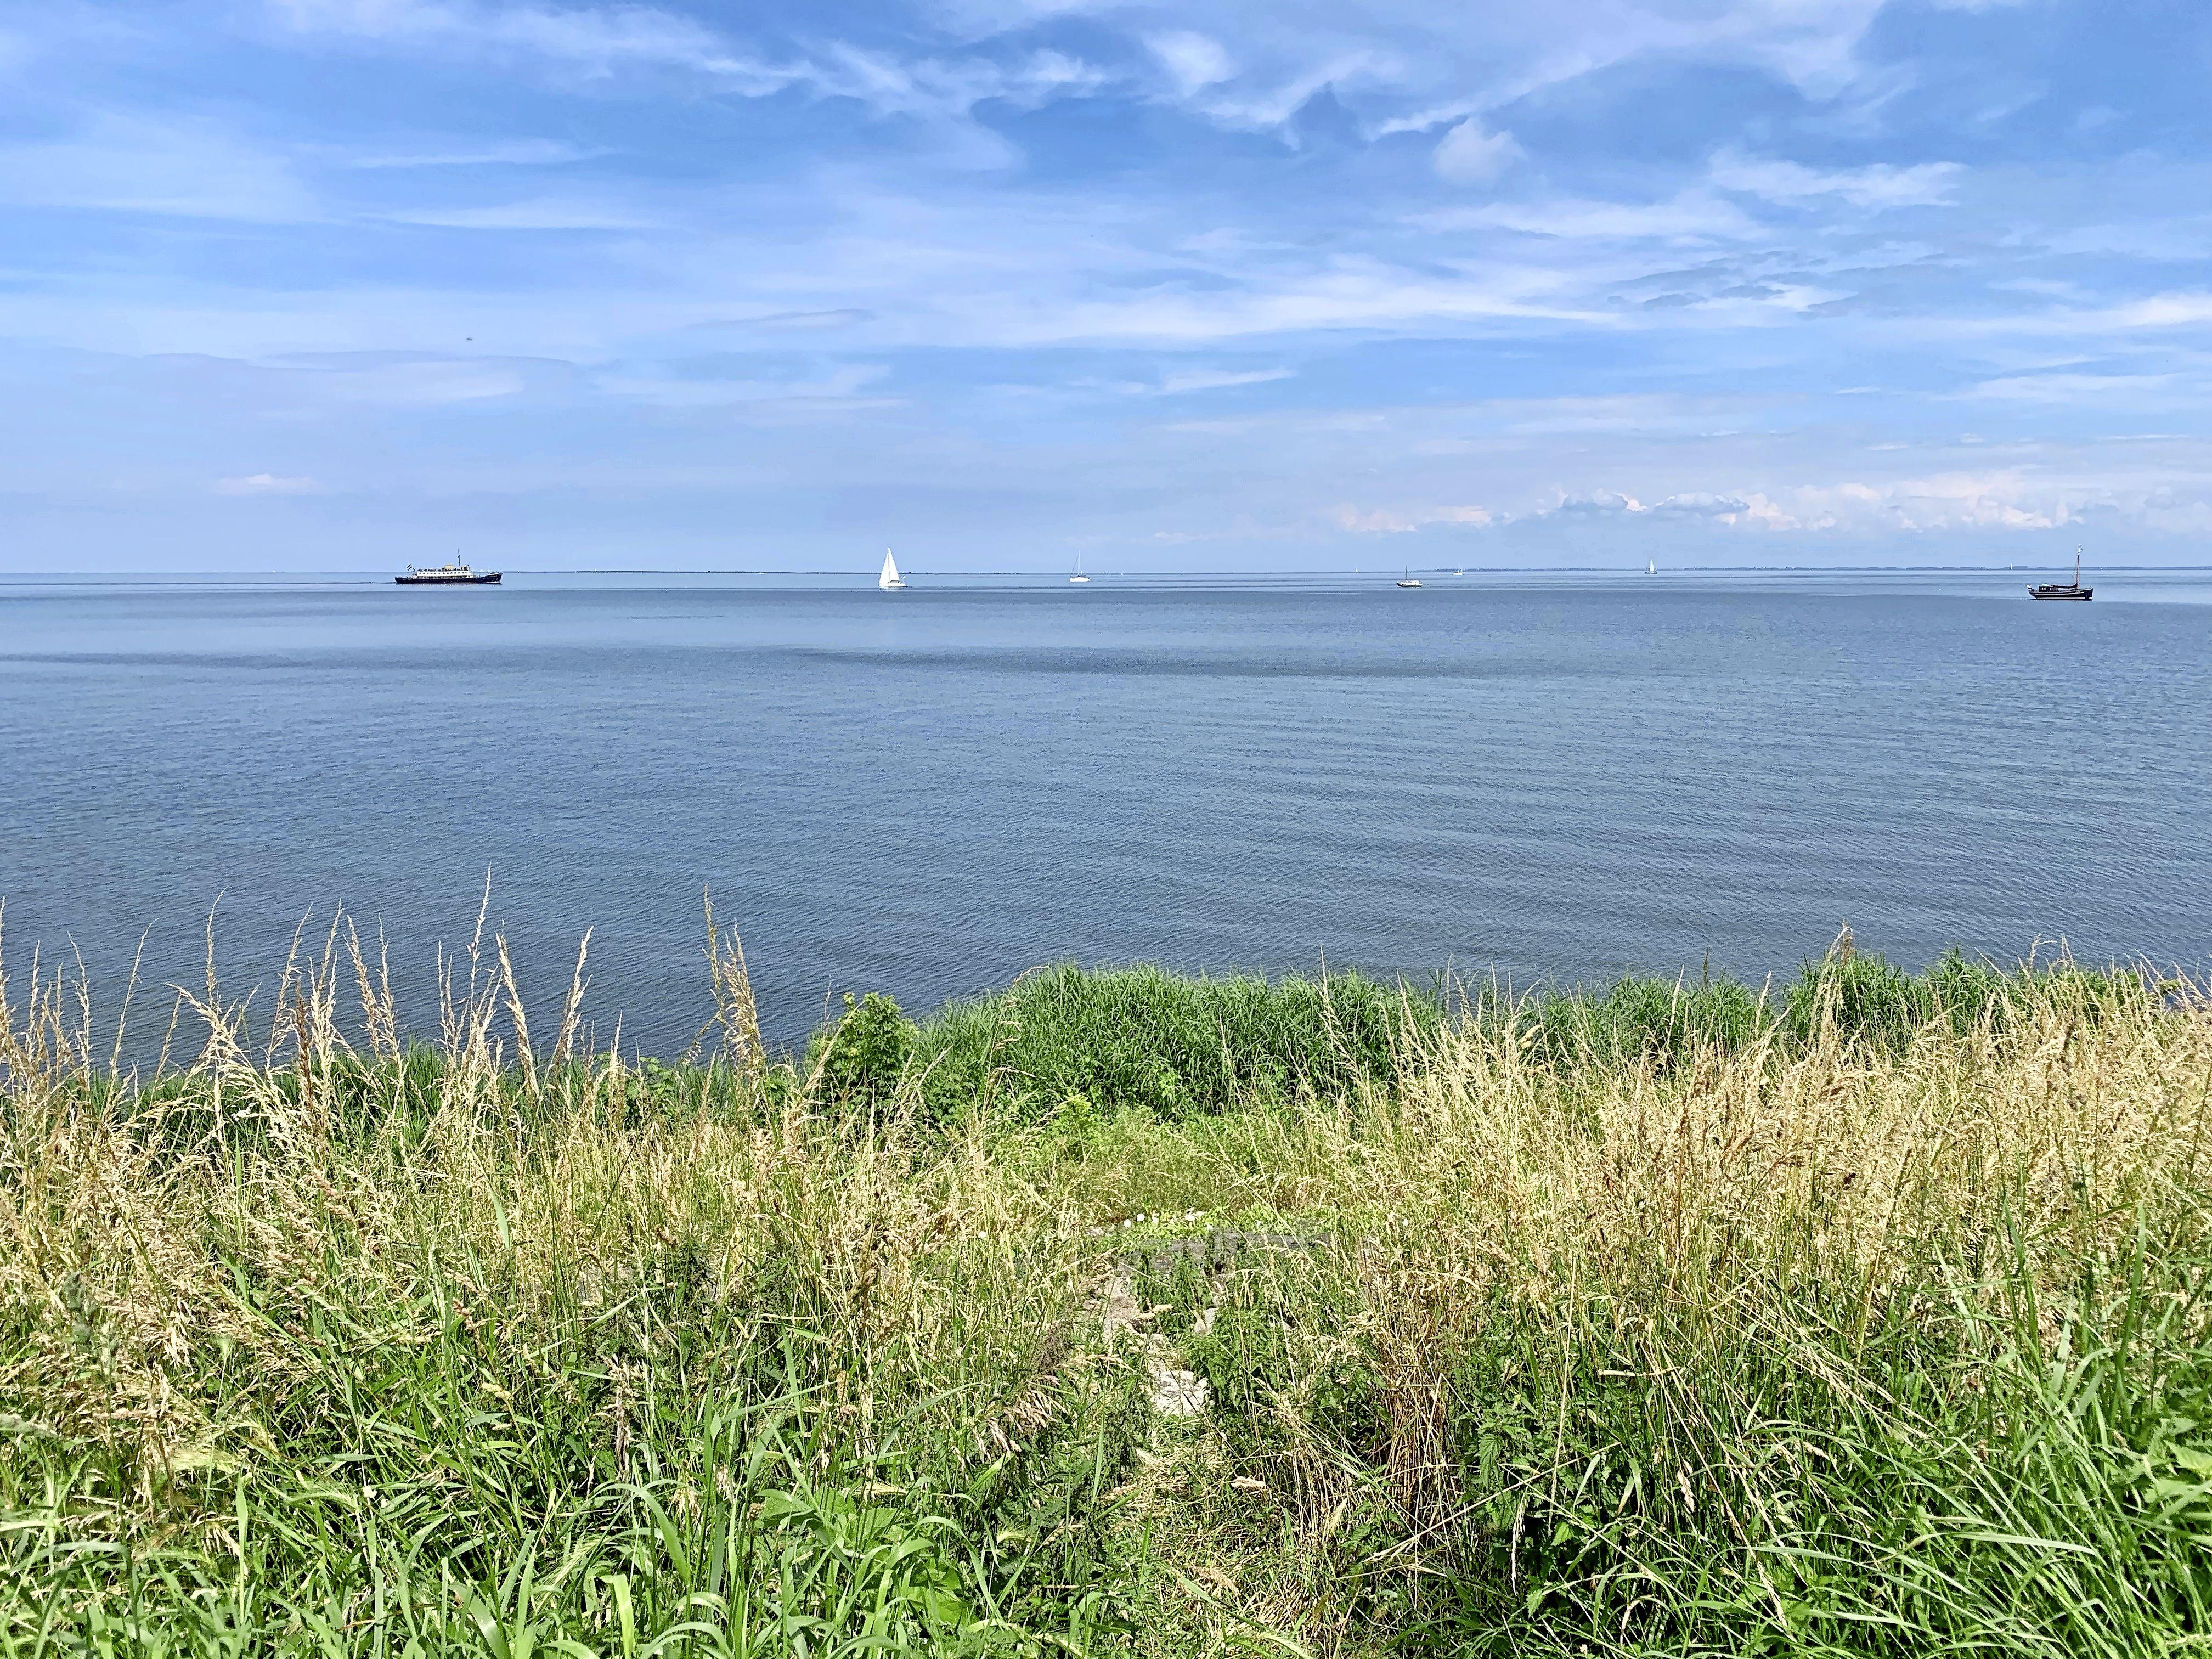 Het nieuwste wapen van PWN in strijd tegen dreigend zoetwatertekort: een compleet nieuwe dijk voor de kust van Andijk